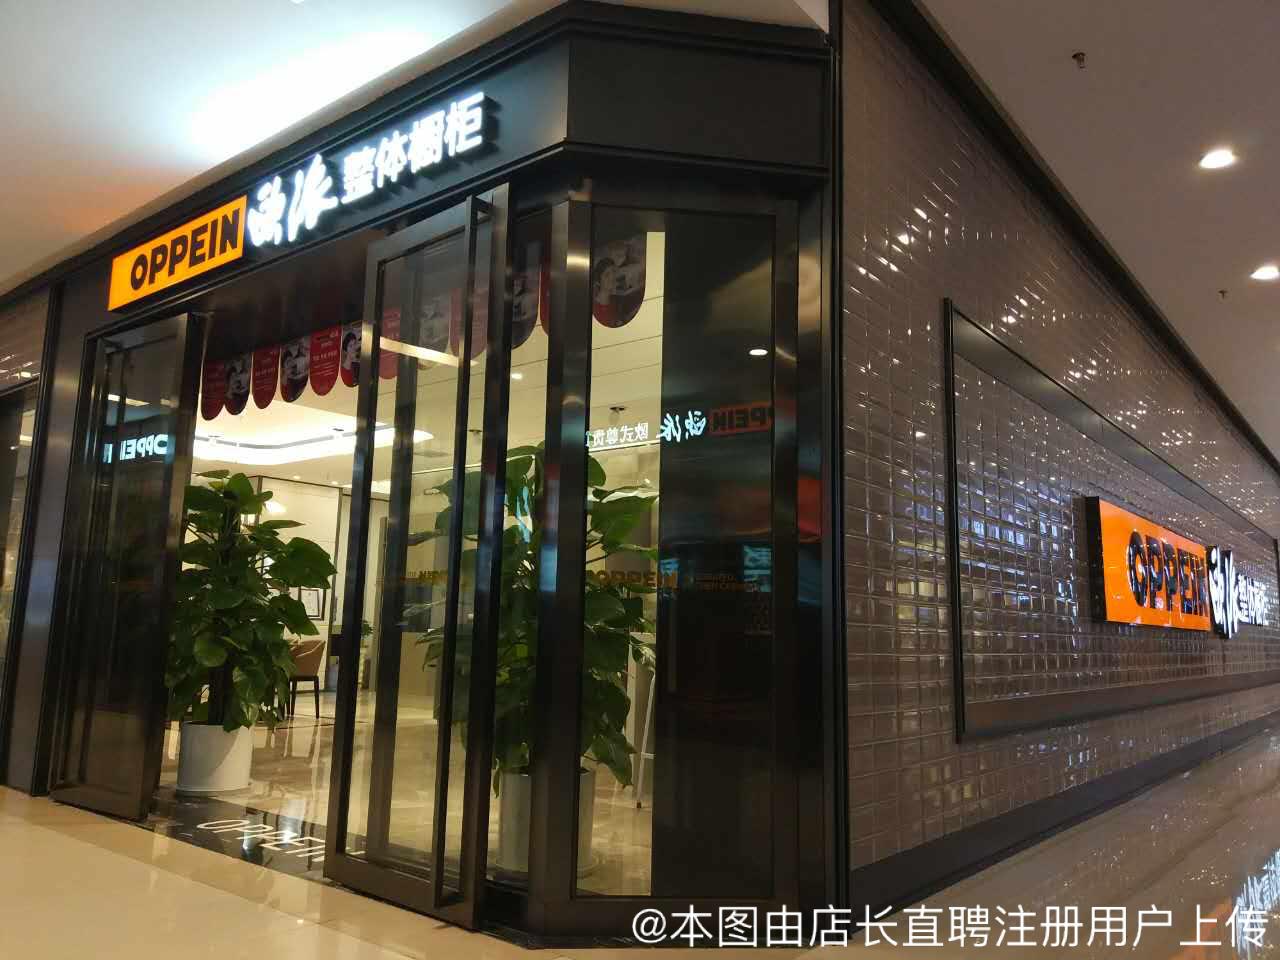 杭州新时代家居生活广场欧派厨柜商行